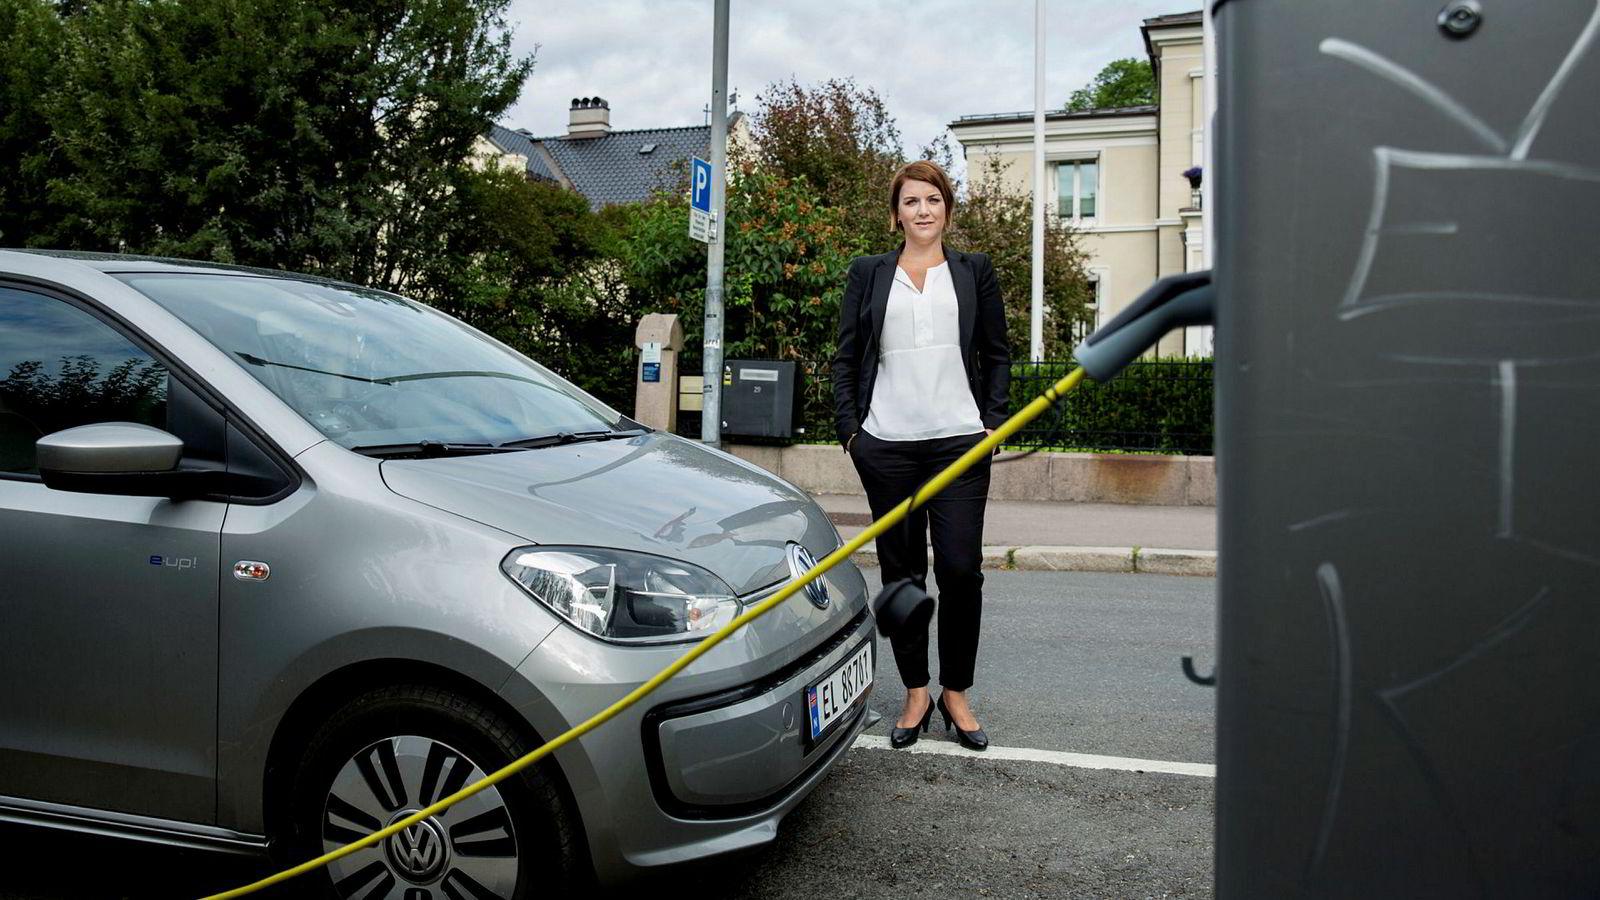 Christina Bu i Norsk elbilforening mener Naf bommer på sin kritikk av norske bilimportører.